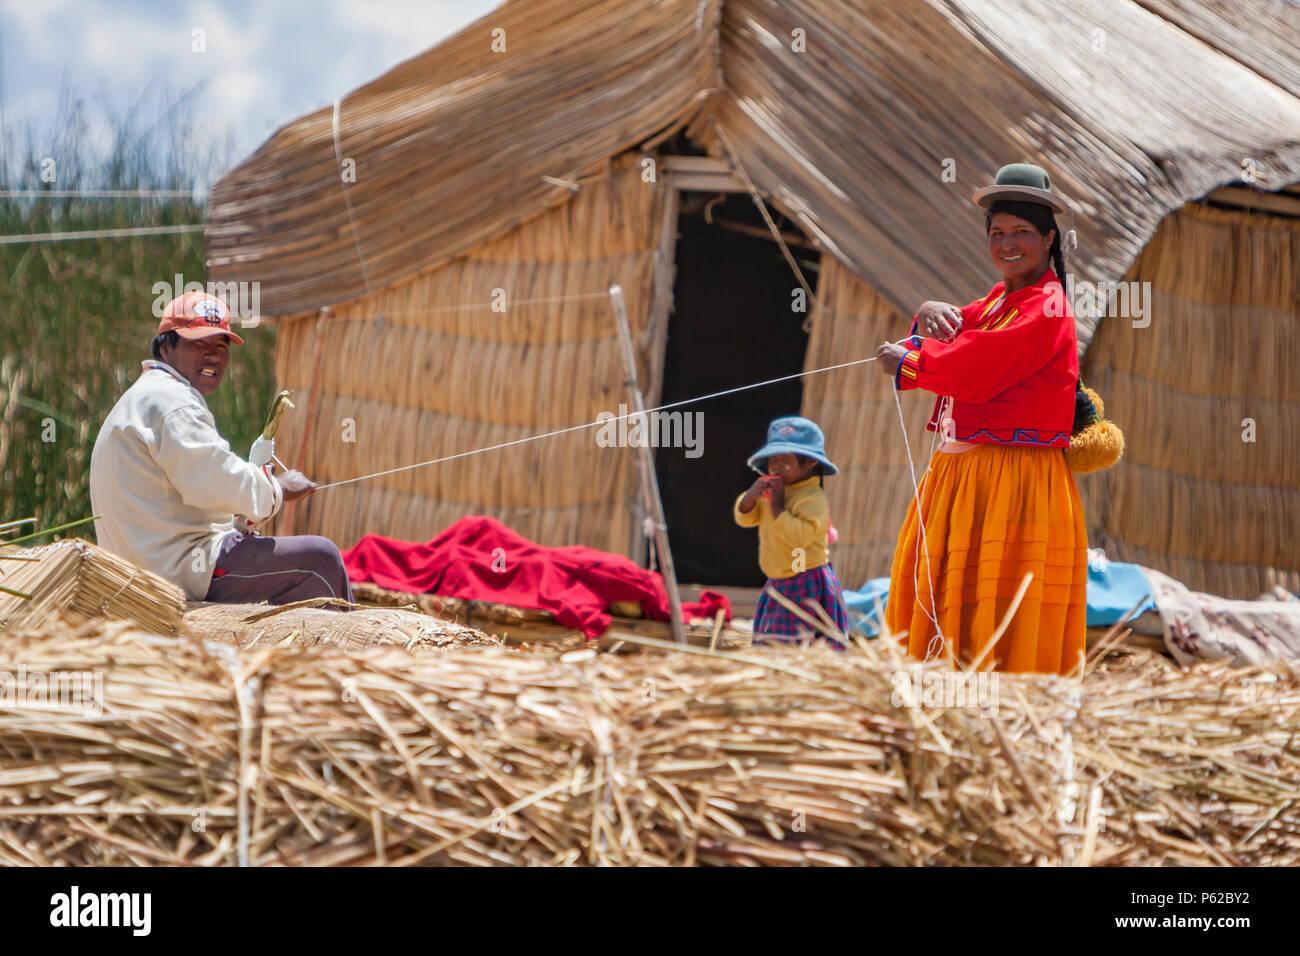 Floating village of Lake Titicaca, Peru - Stock Image